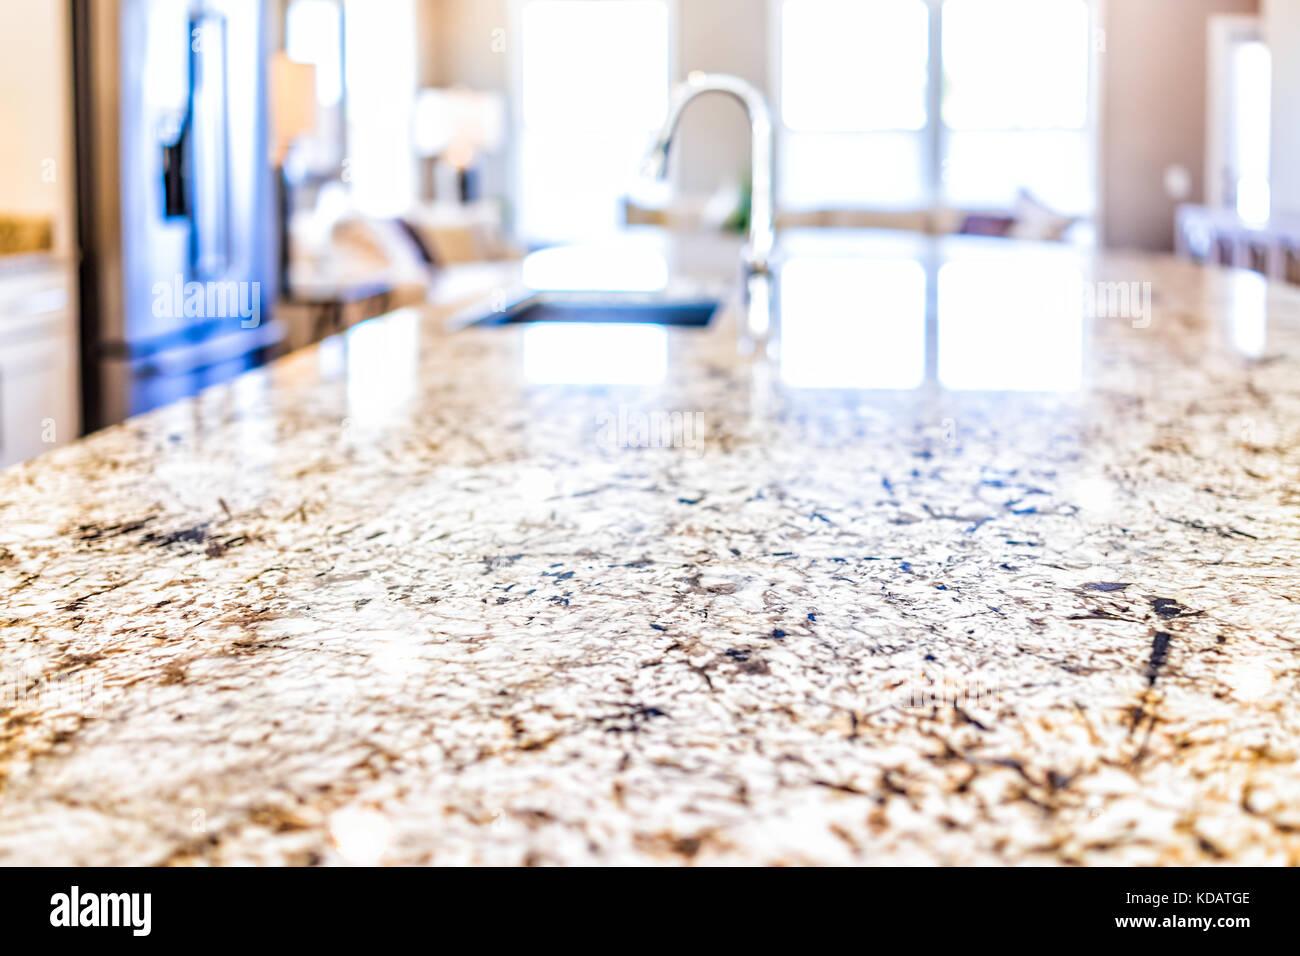 Neue Moderne Hahn Und Küche Waschbecken Closeup Mit Insel Und Granit  Arbeitsplatten In Modell, Haus, Haus, Wohnung